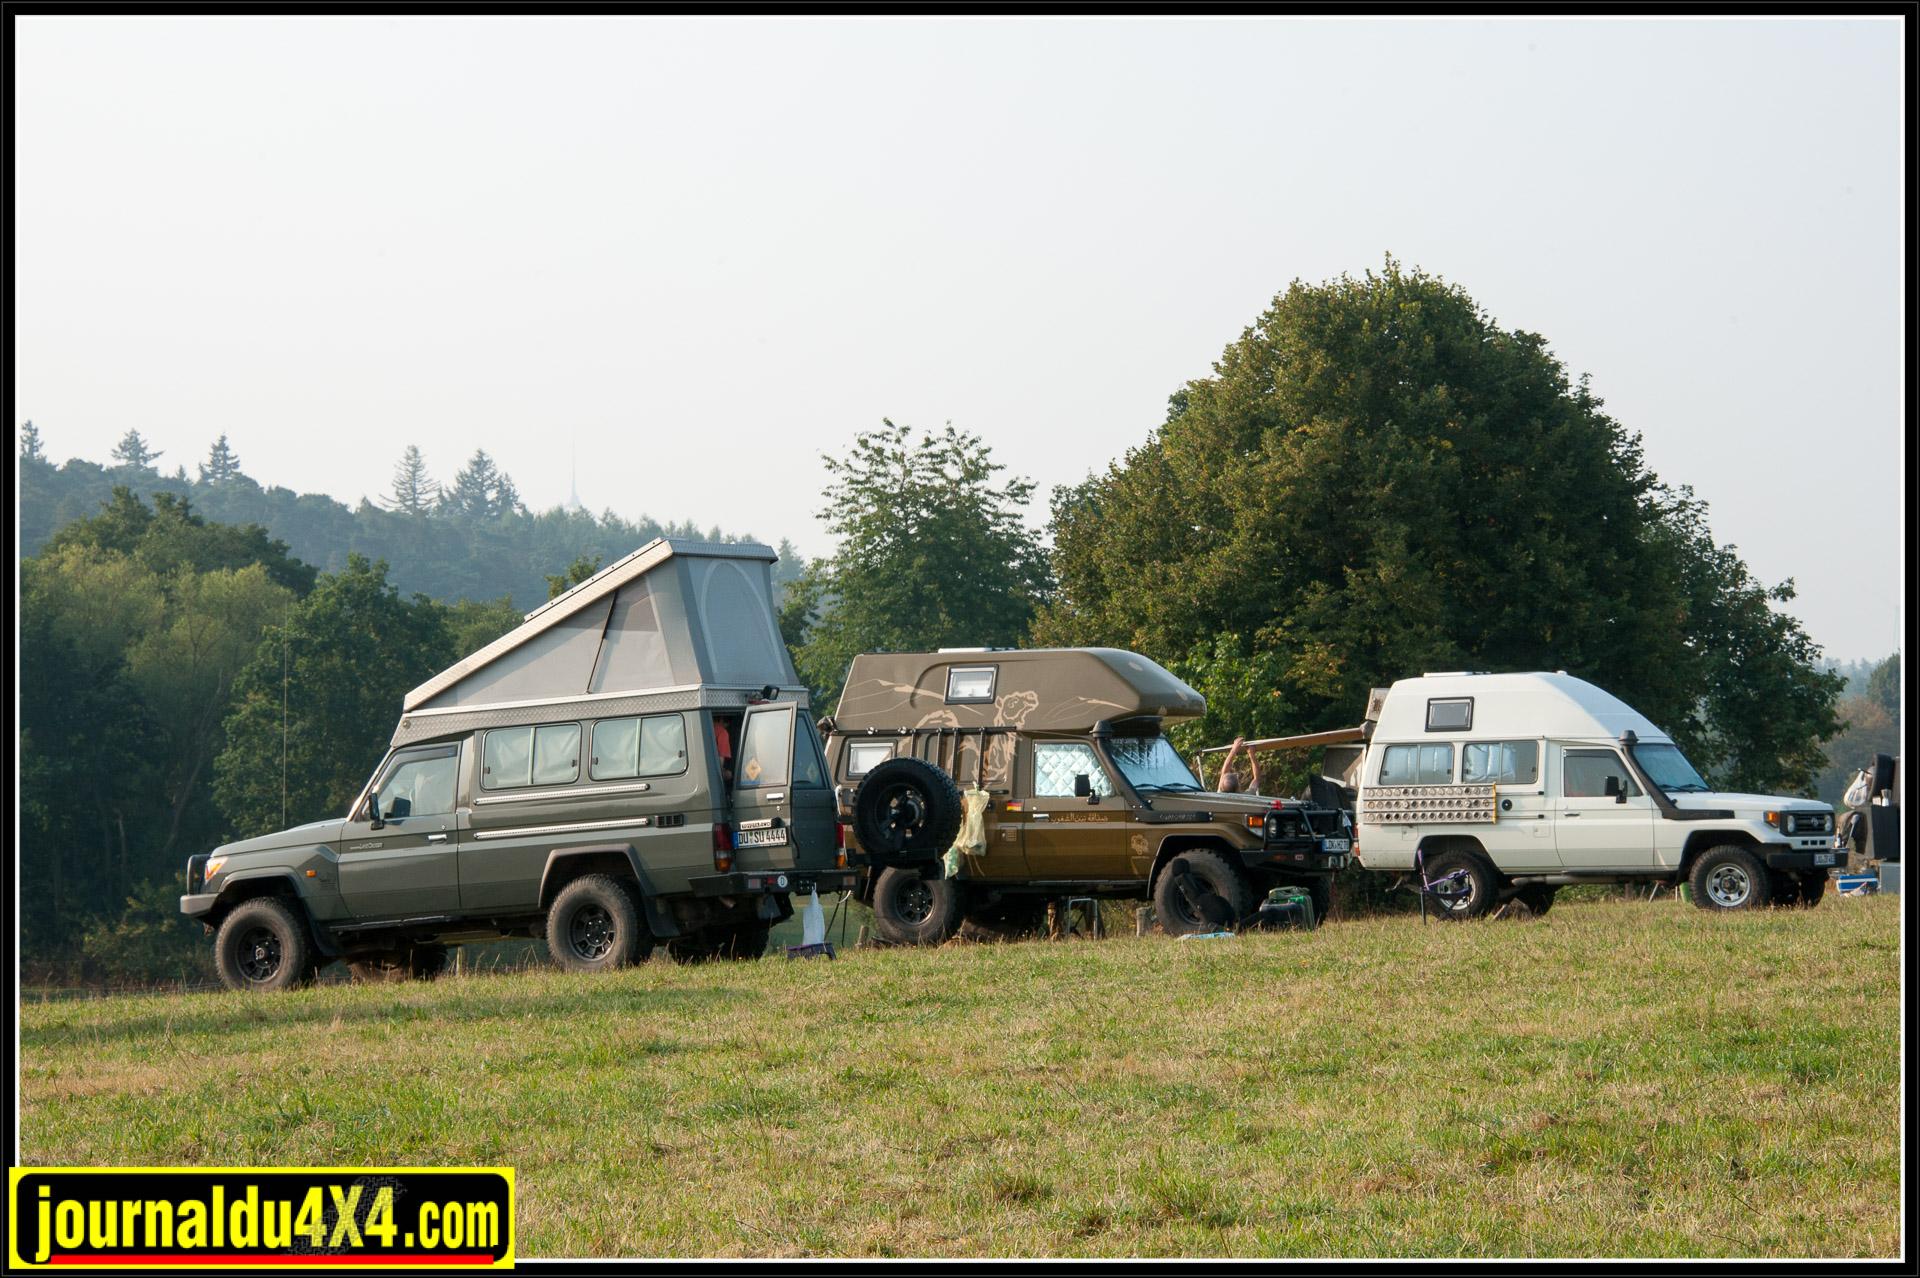 Le série 7 reste la base pour les voyageurs, qu'il soit équipé d'un toit relevable ou d'un toit surélevé avec ou sans capucine.